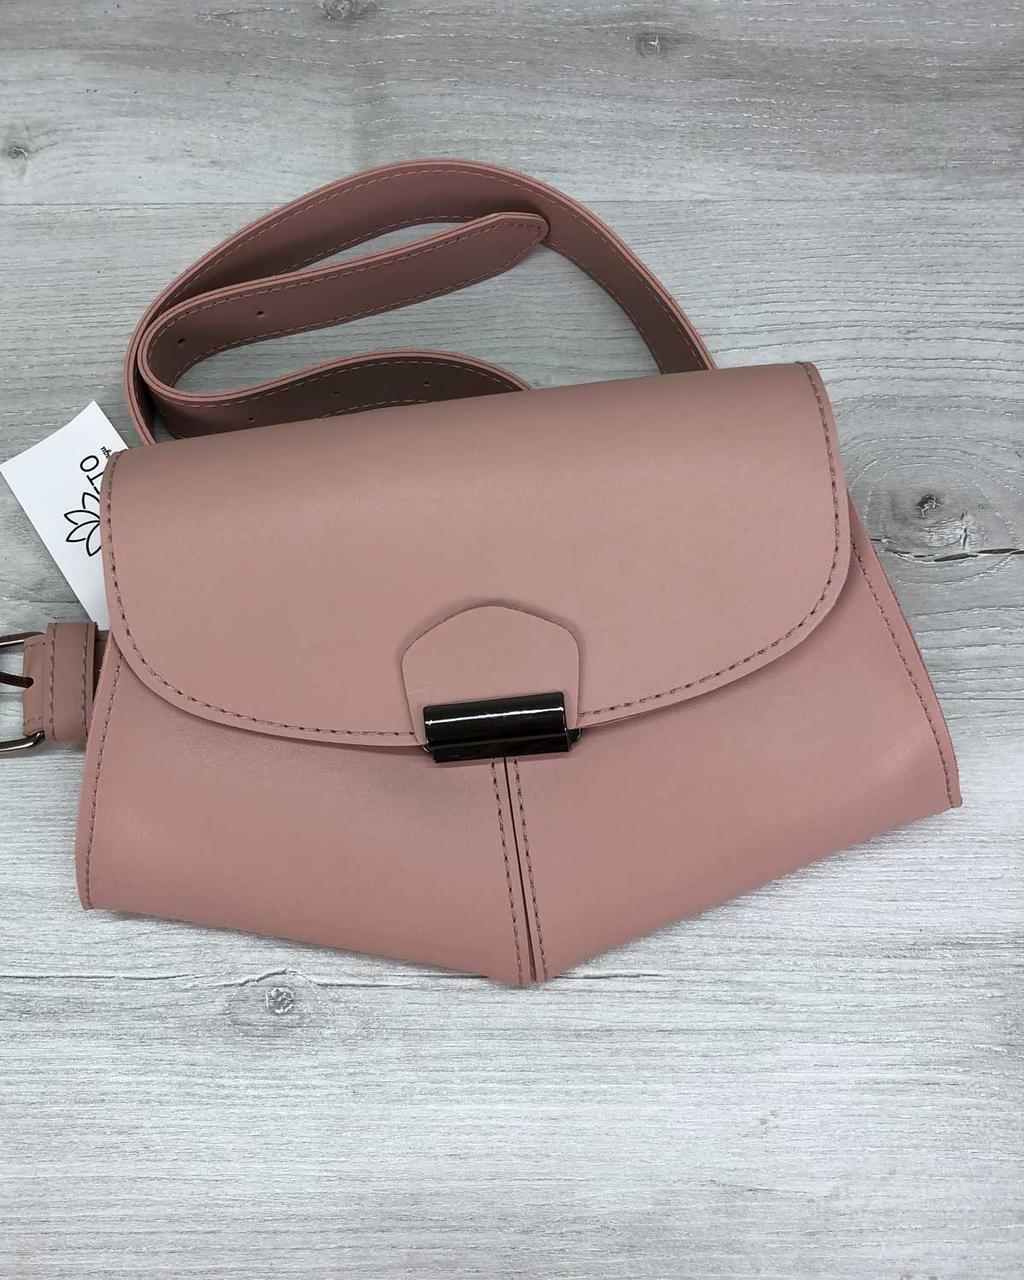 Стильная сумка на пояс клатч «Demi» персиковая, поясная сумочка женская на пояс